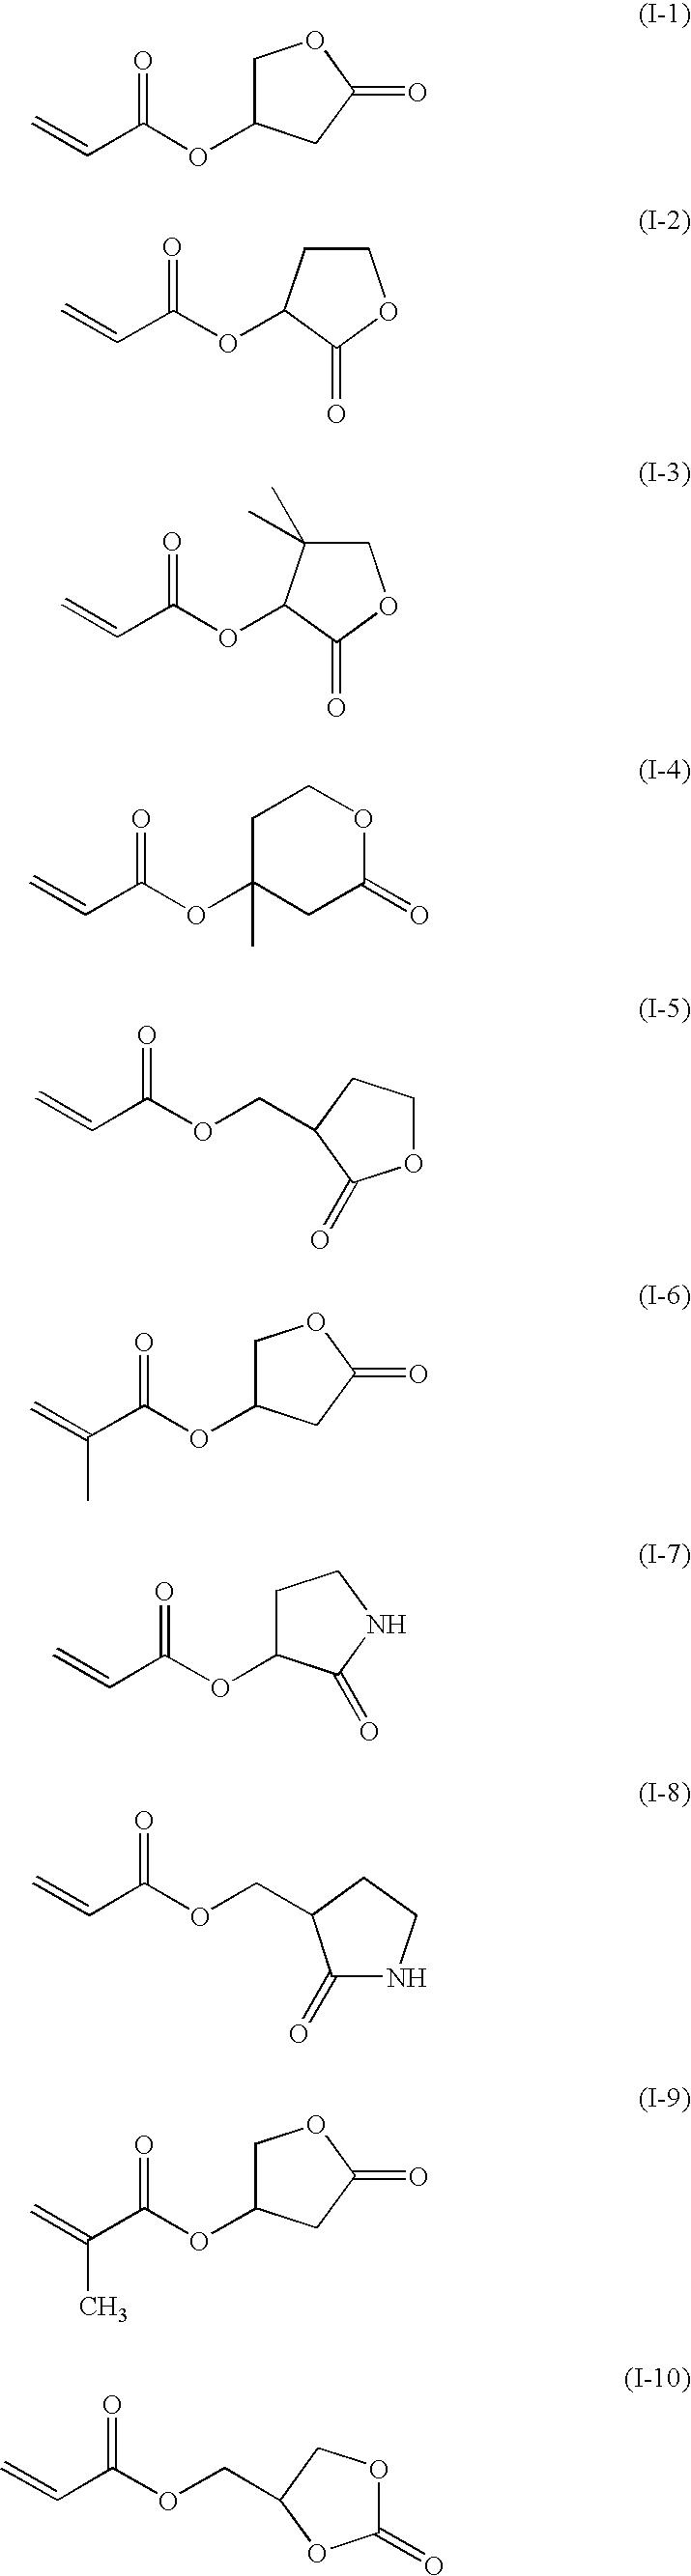 Figure US20090011367A1-20090108-C00002